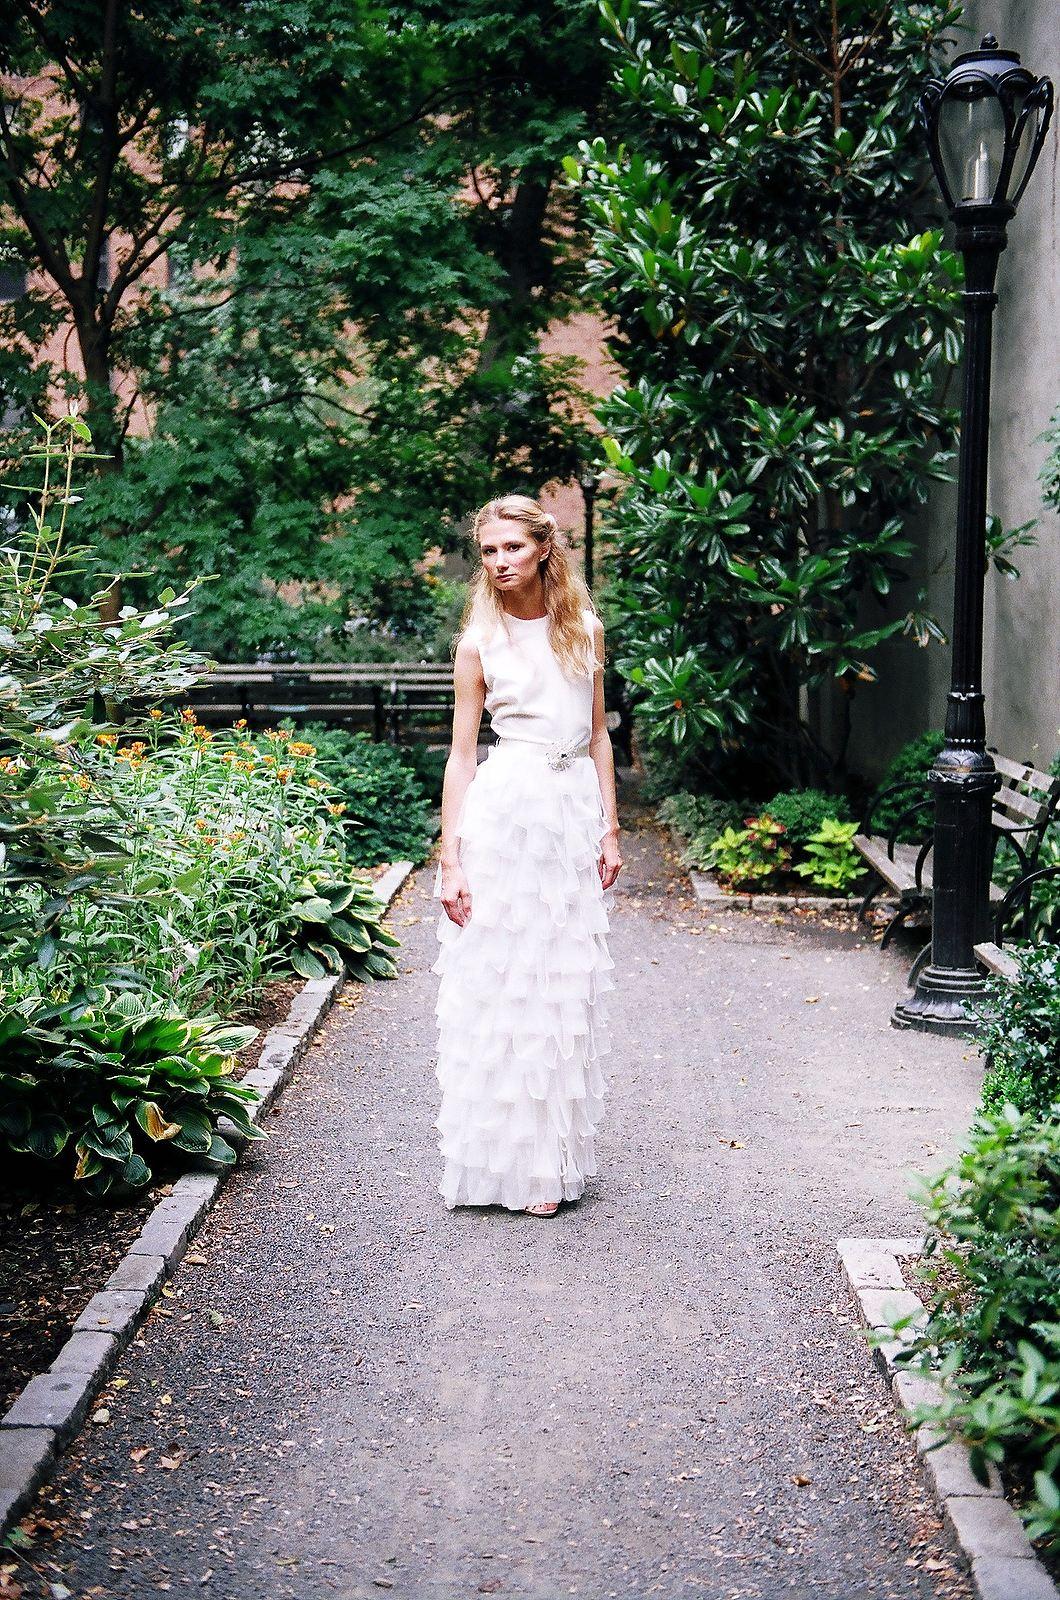 bridal fashion portrait garden nyc